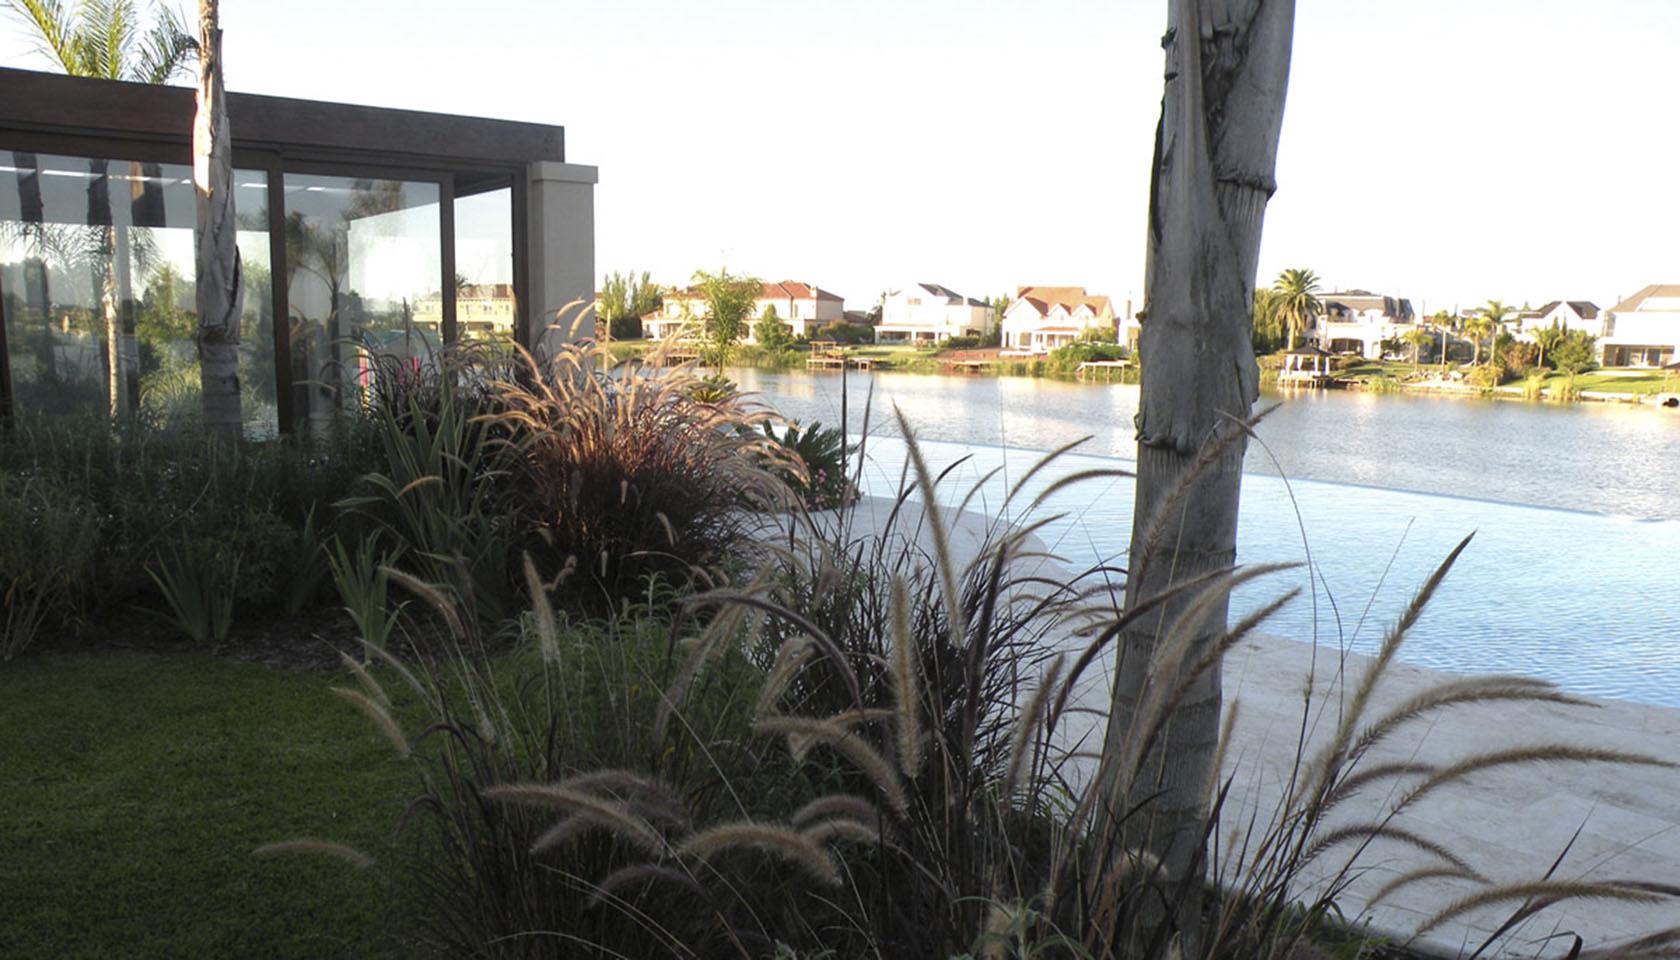 casas con piletas interiores y exteriores, arquitectura y paisaje, interiores con vista al lago